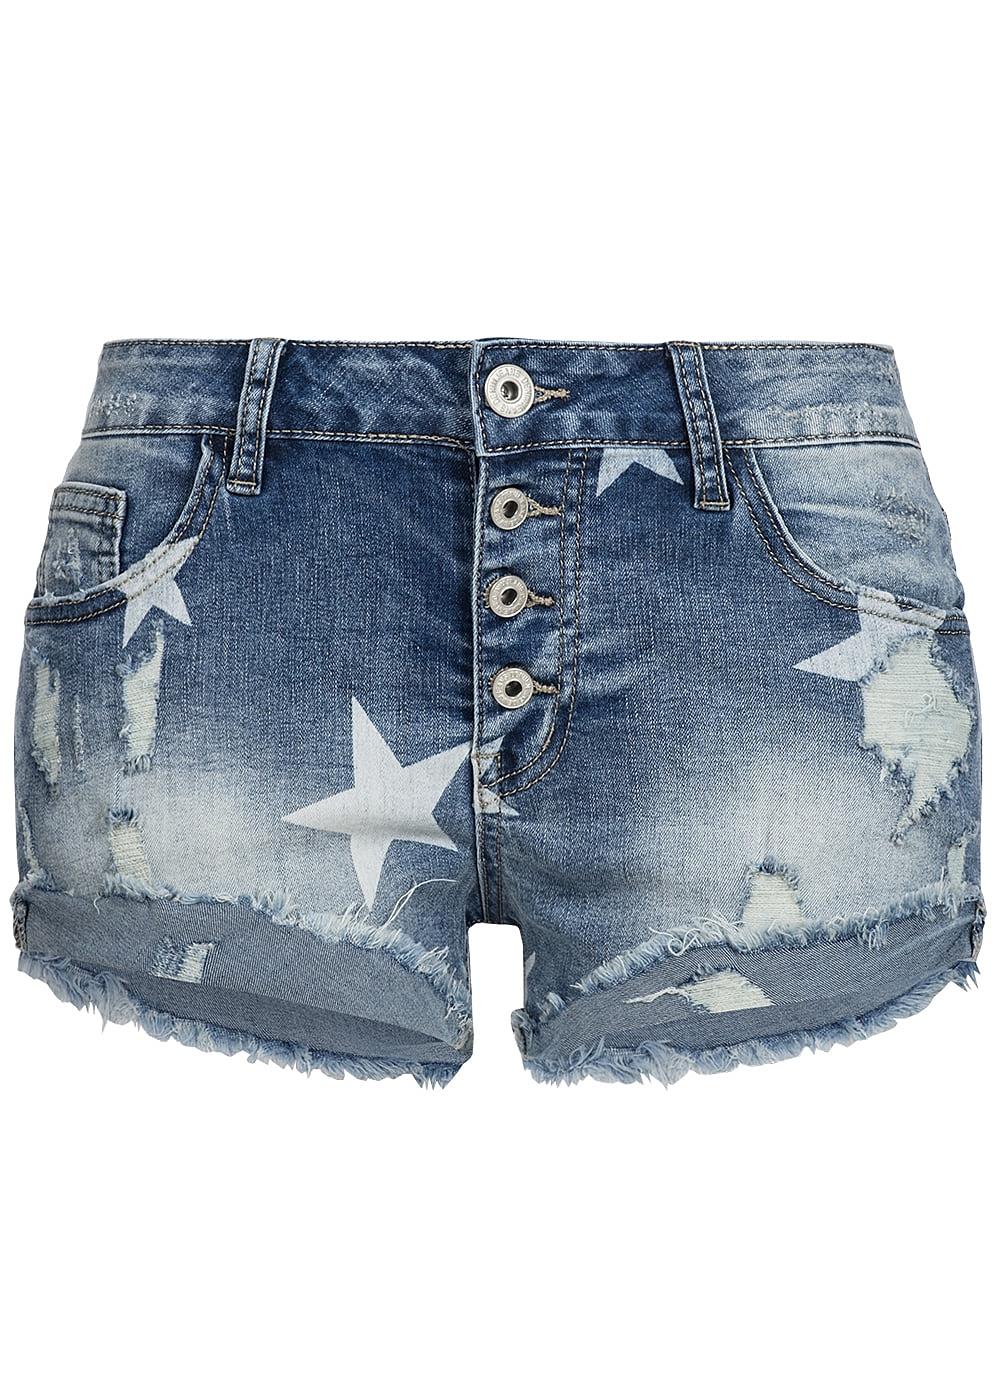 518f9f899ebce9 hailys damen jeans short sternen muster destroy look blue denim 77onlineshop